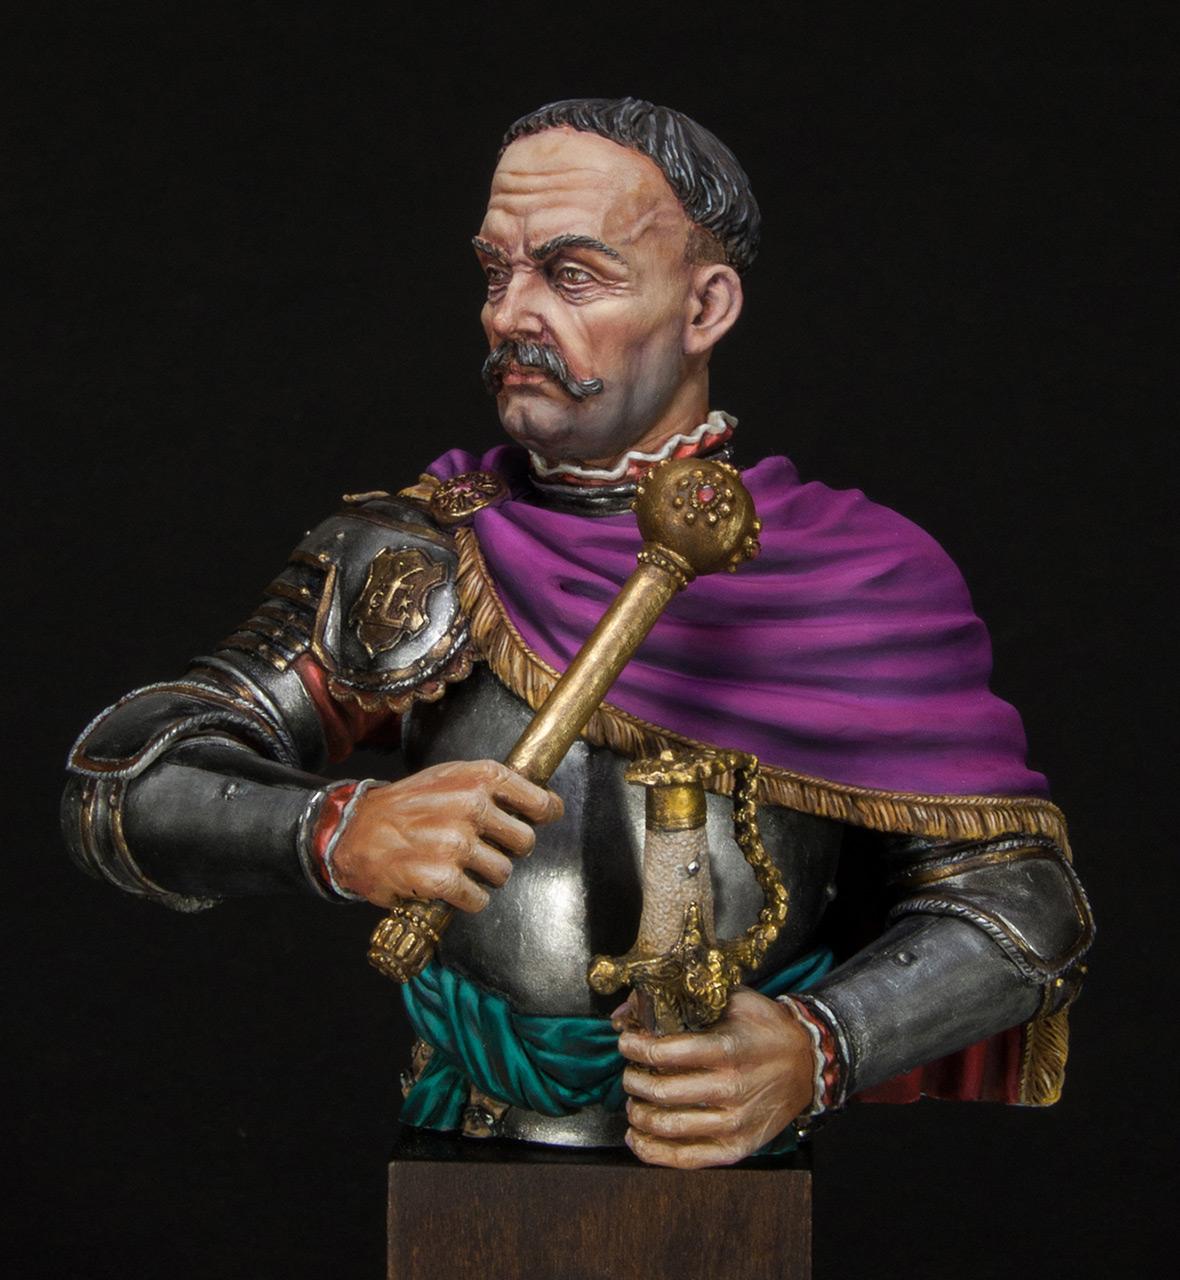 Figures: Ivan Mazepa, photo #1